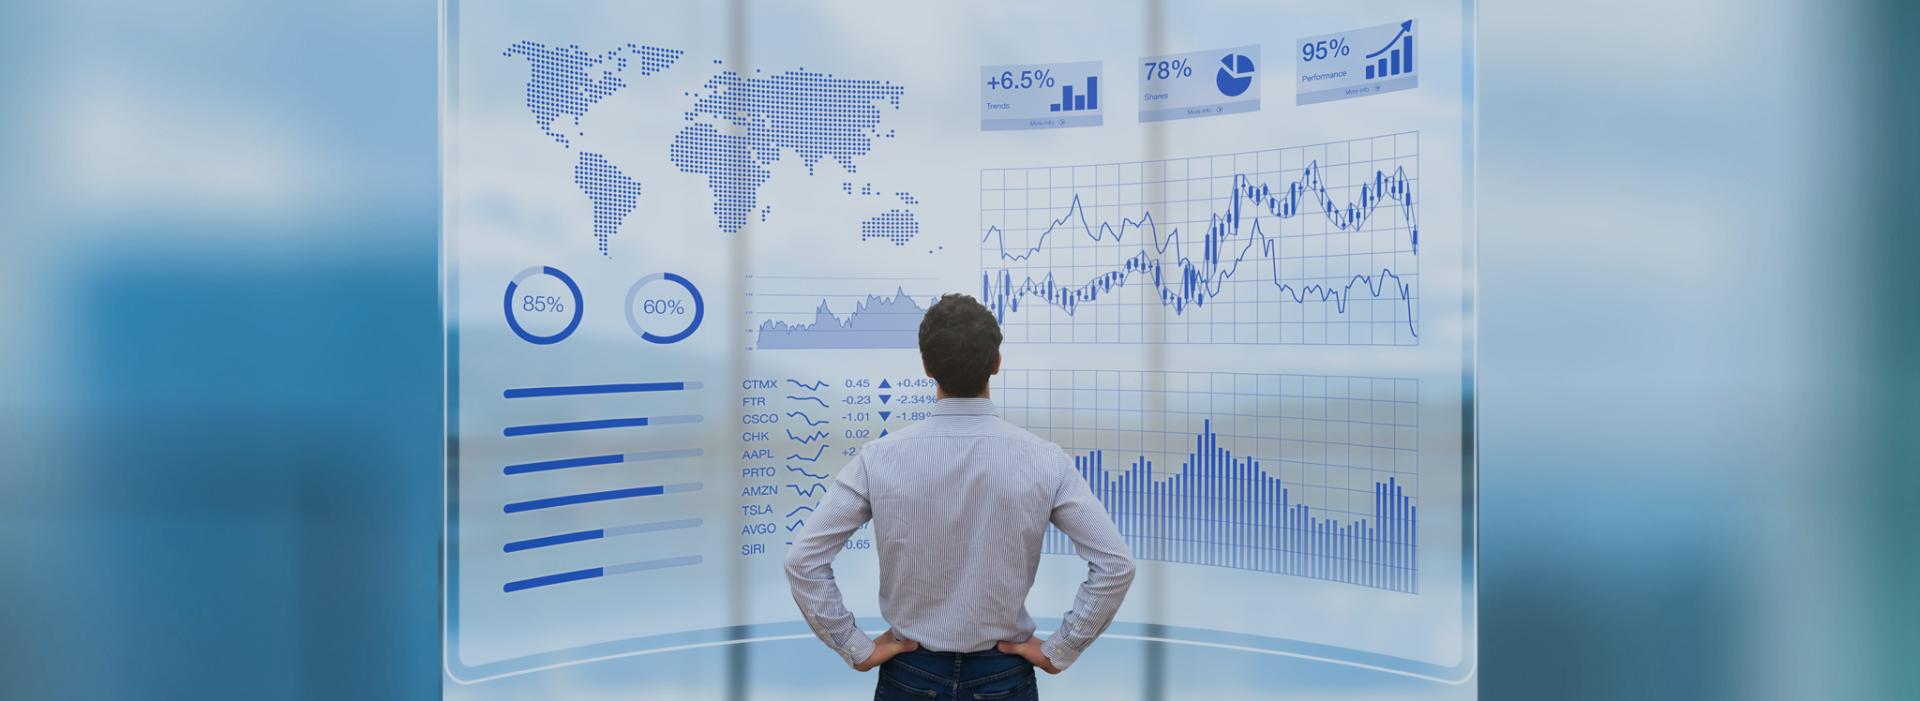 Business Intelligence voor maakbedrijven